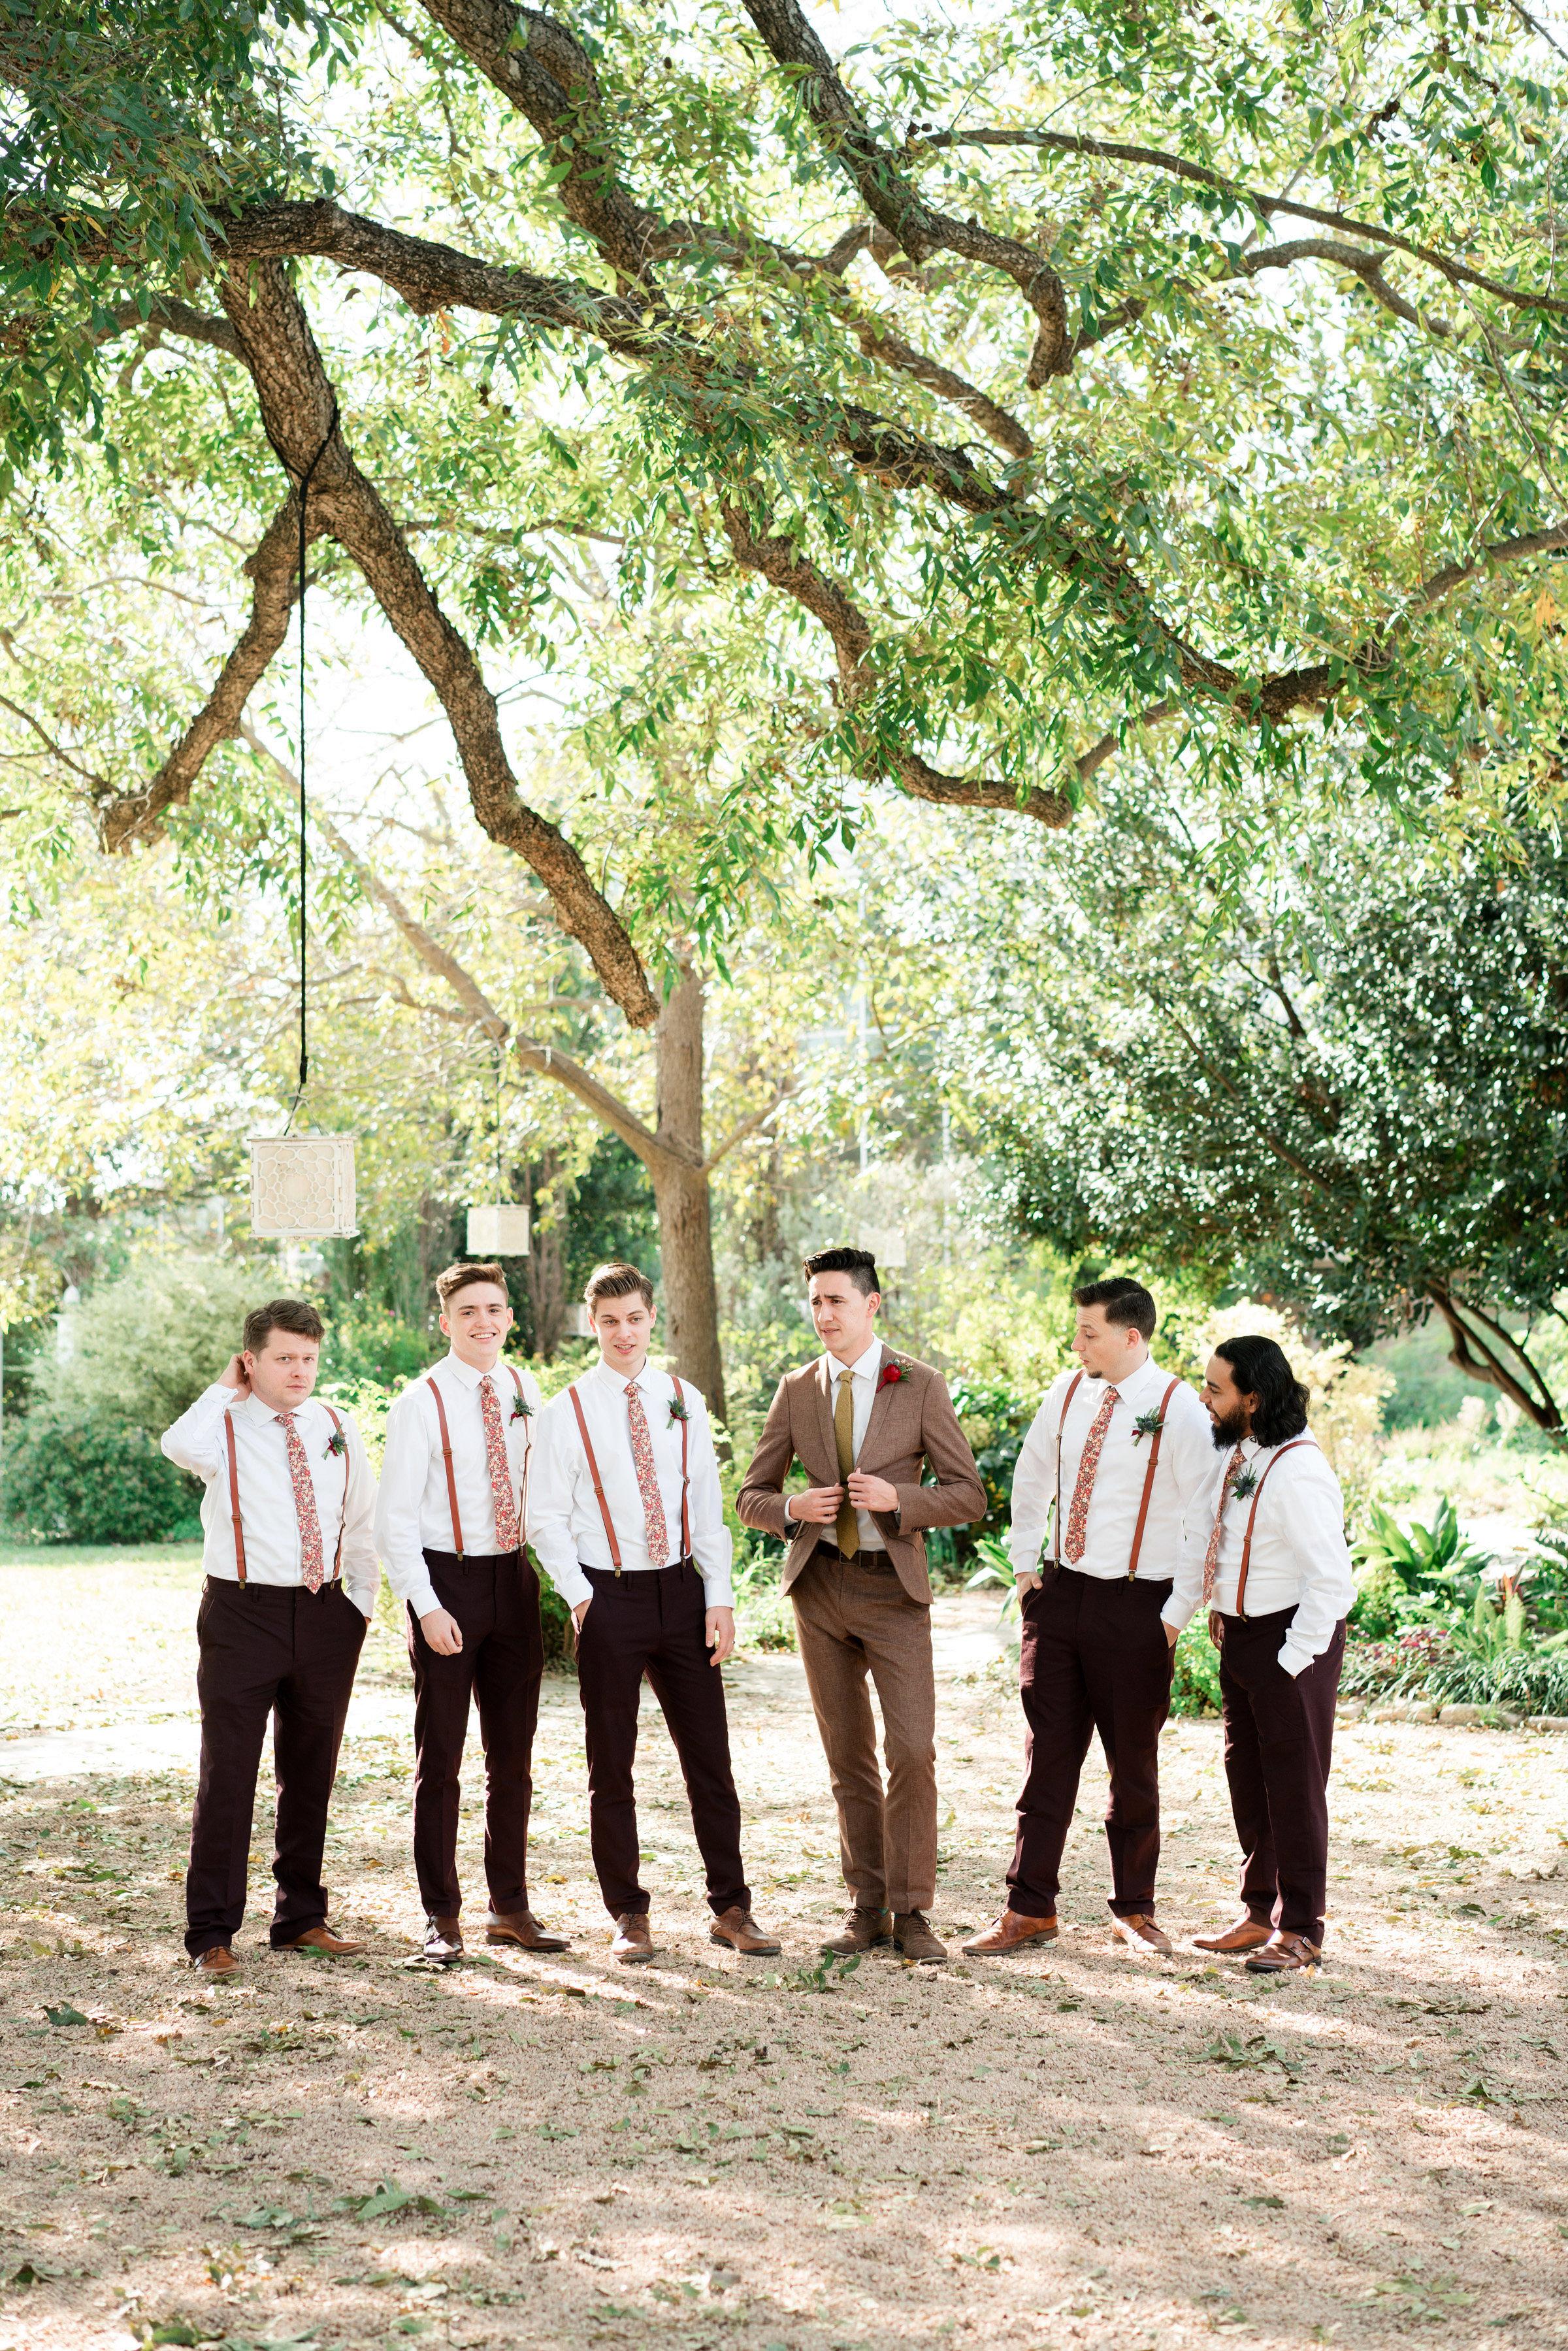 hayleigh corey wedding groomsmen and groom